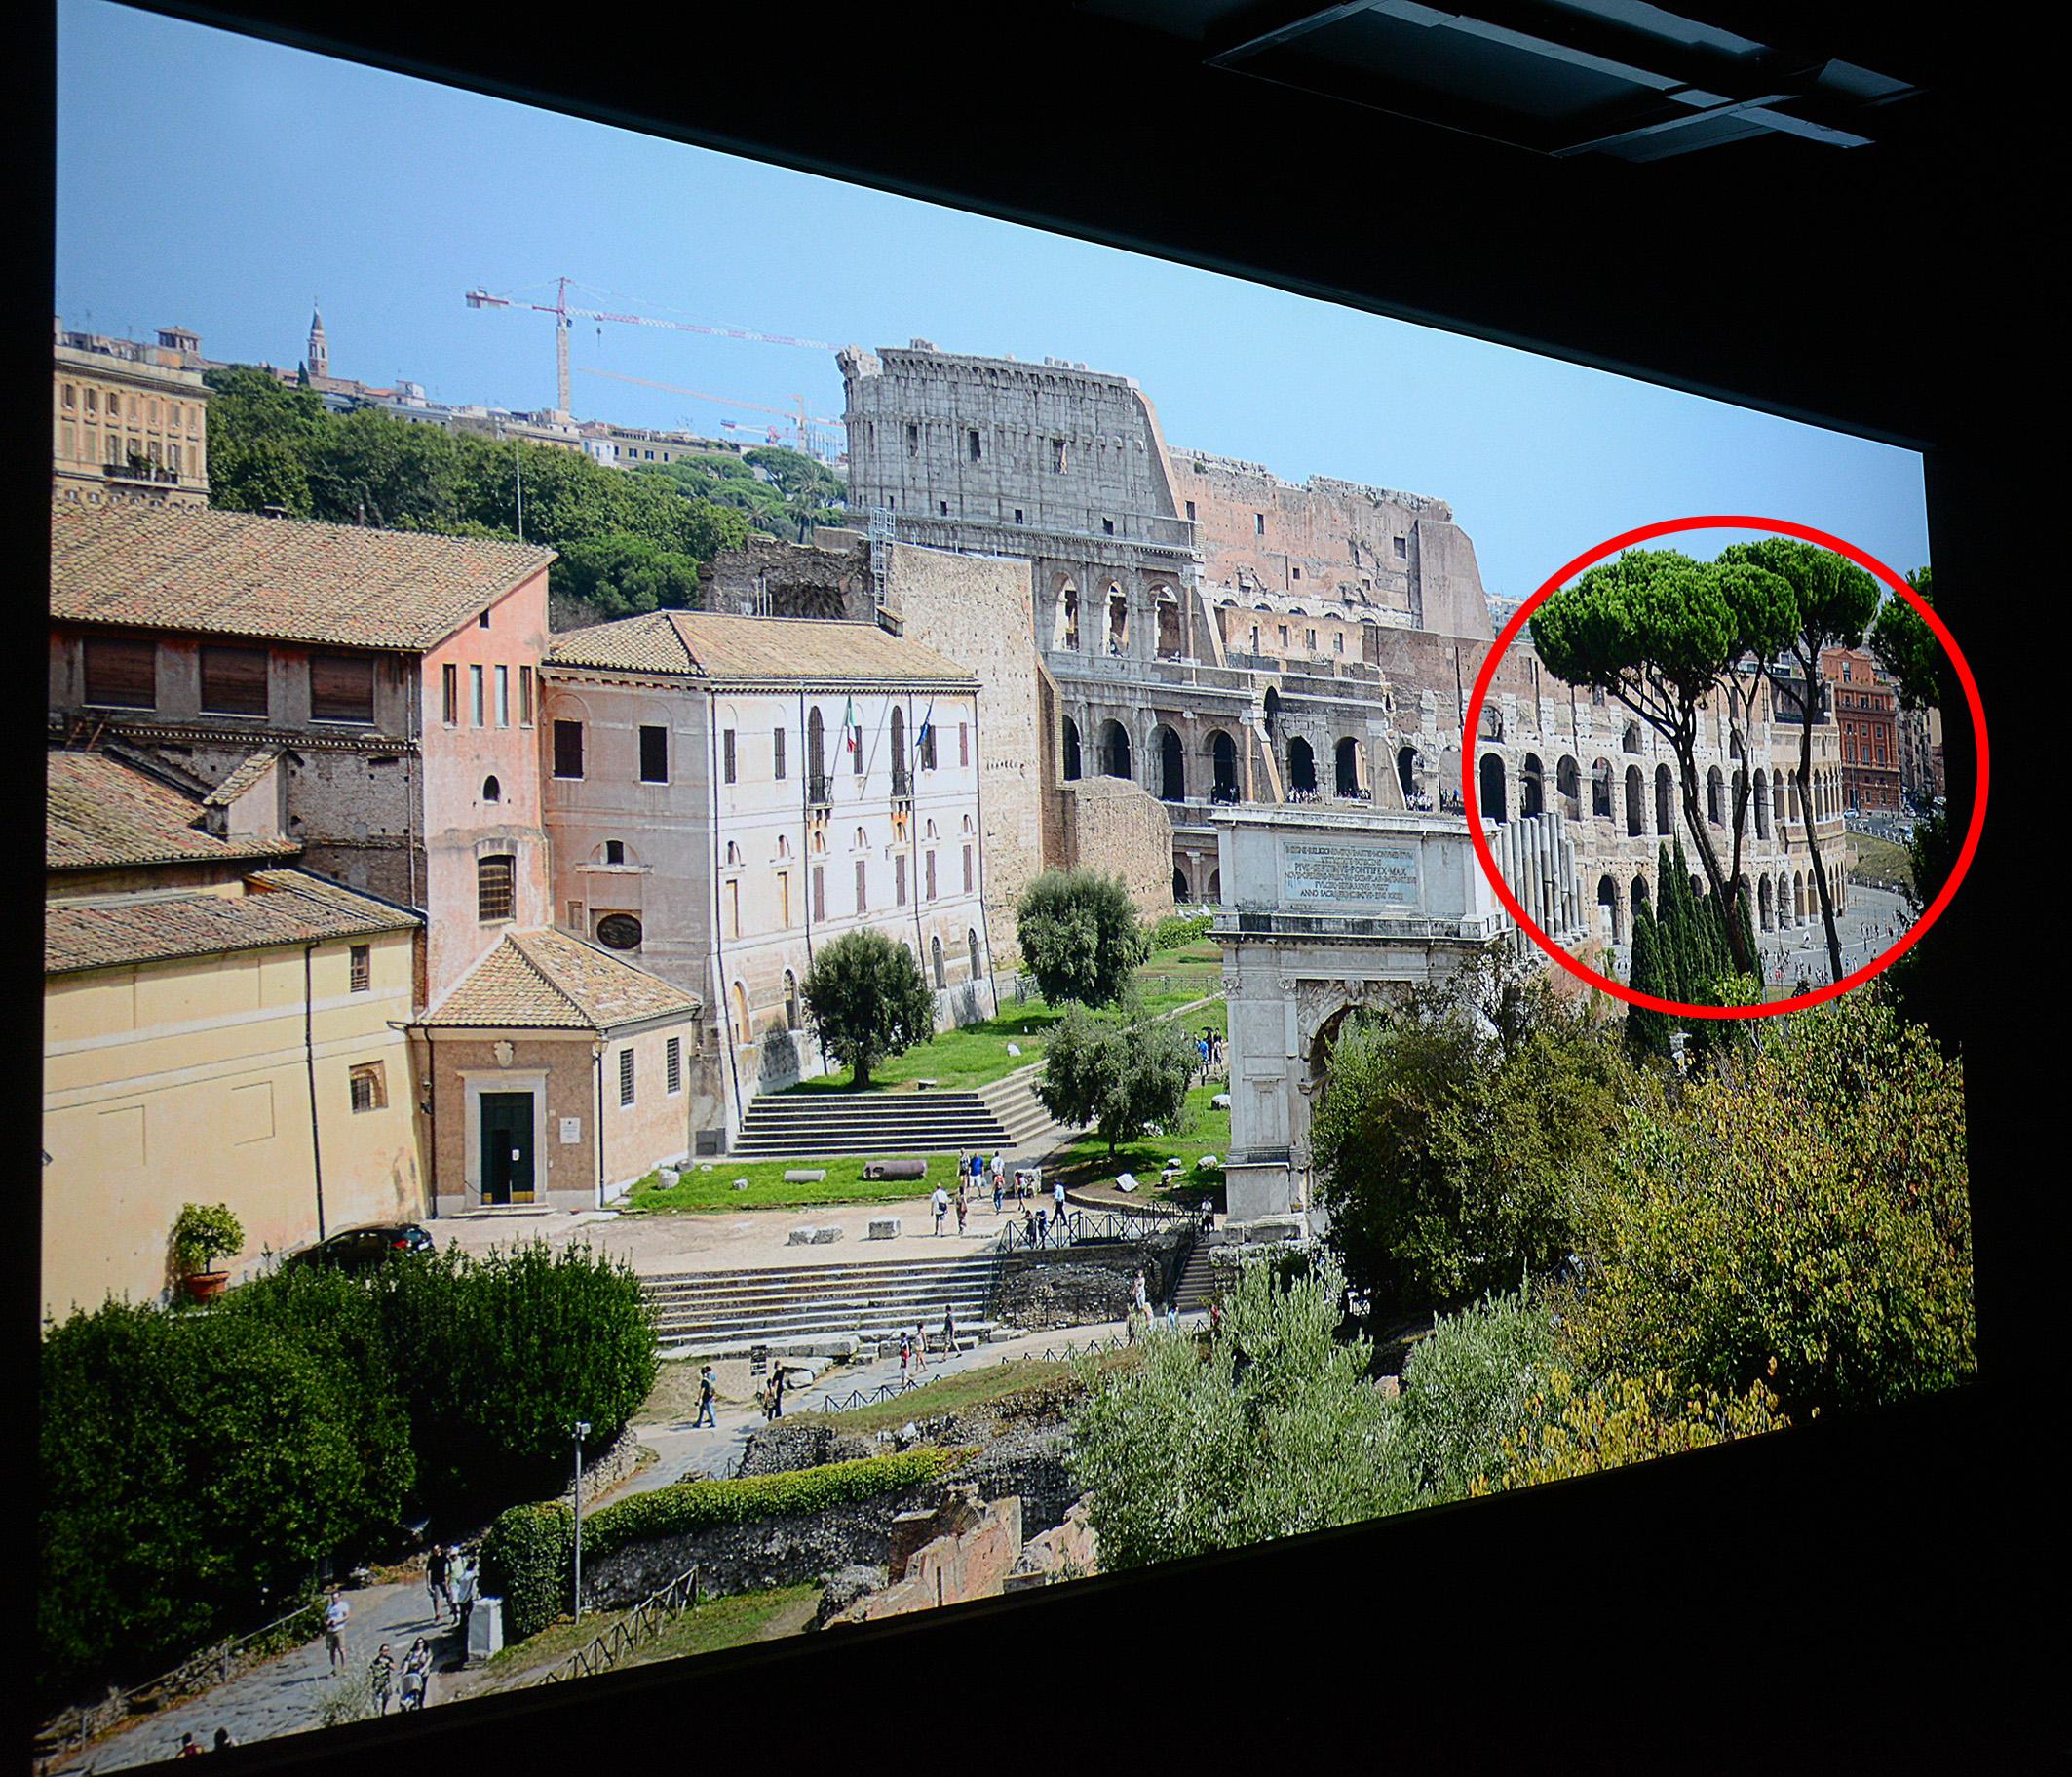 Foto: Michael B. Rehders Die Aufnahme von Rom bietet zahlreiche Details, um Stärken und Schwächen von Projektoren aufzudecken. Schauen wir uns einfach mal den rot eingekreisten Bereich etwas genauer an.